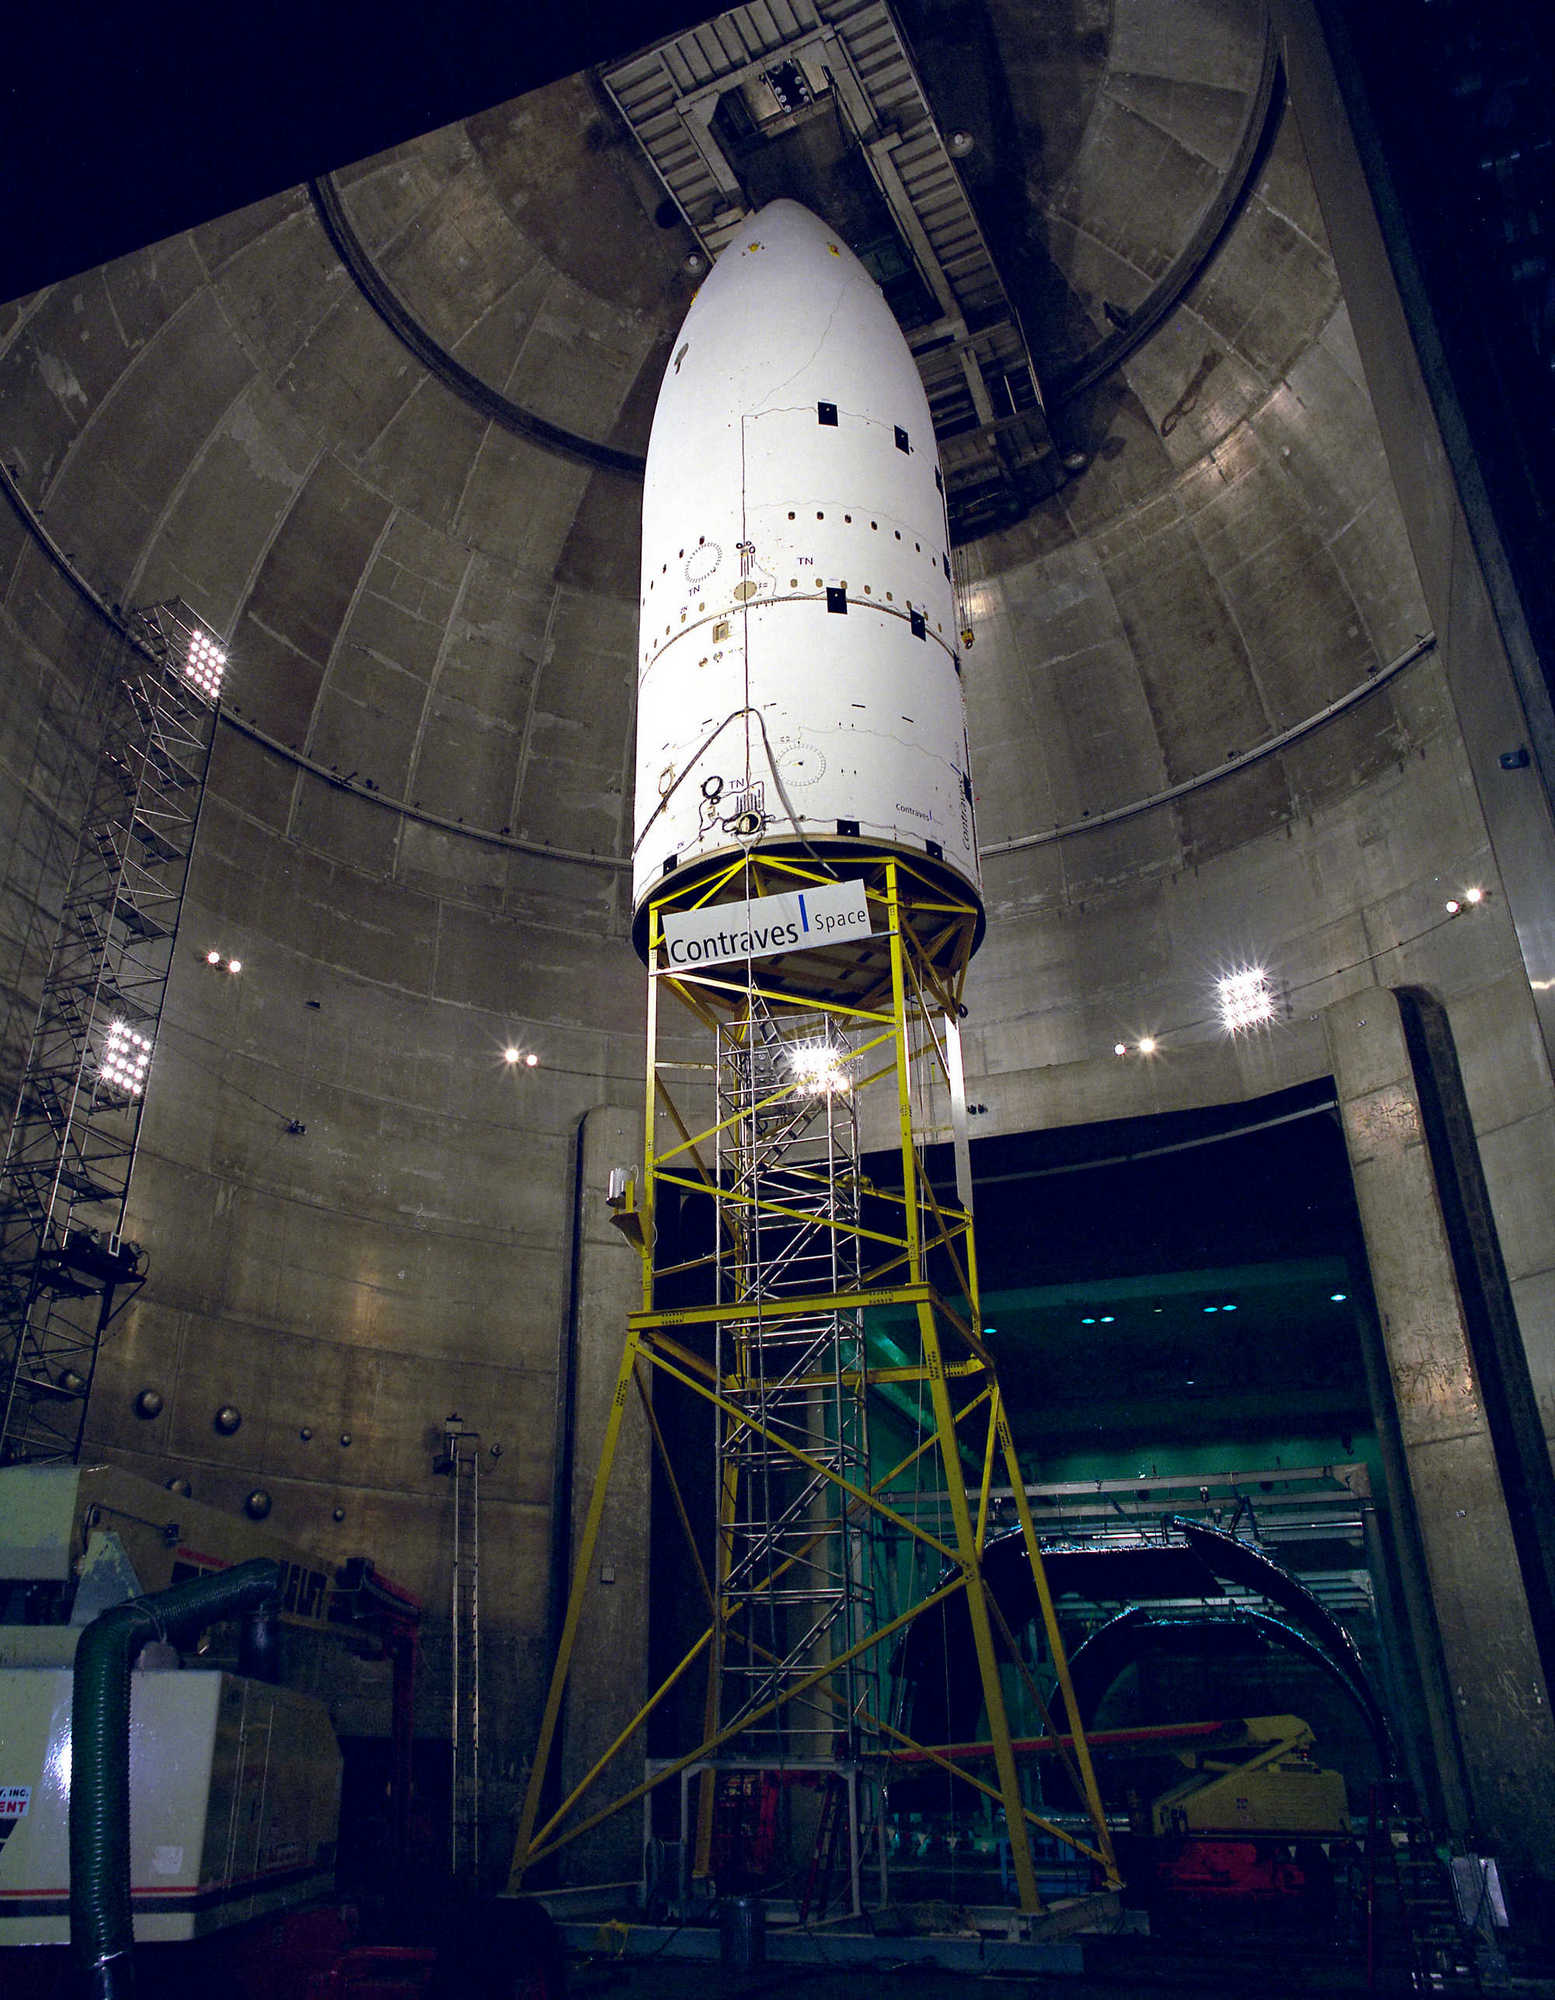 Головной обтекатель Ариан-5 (5,4 м в диаметре) на тестах в вакуумной камере NASA